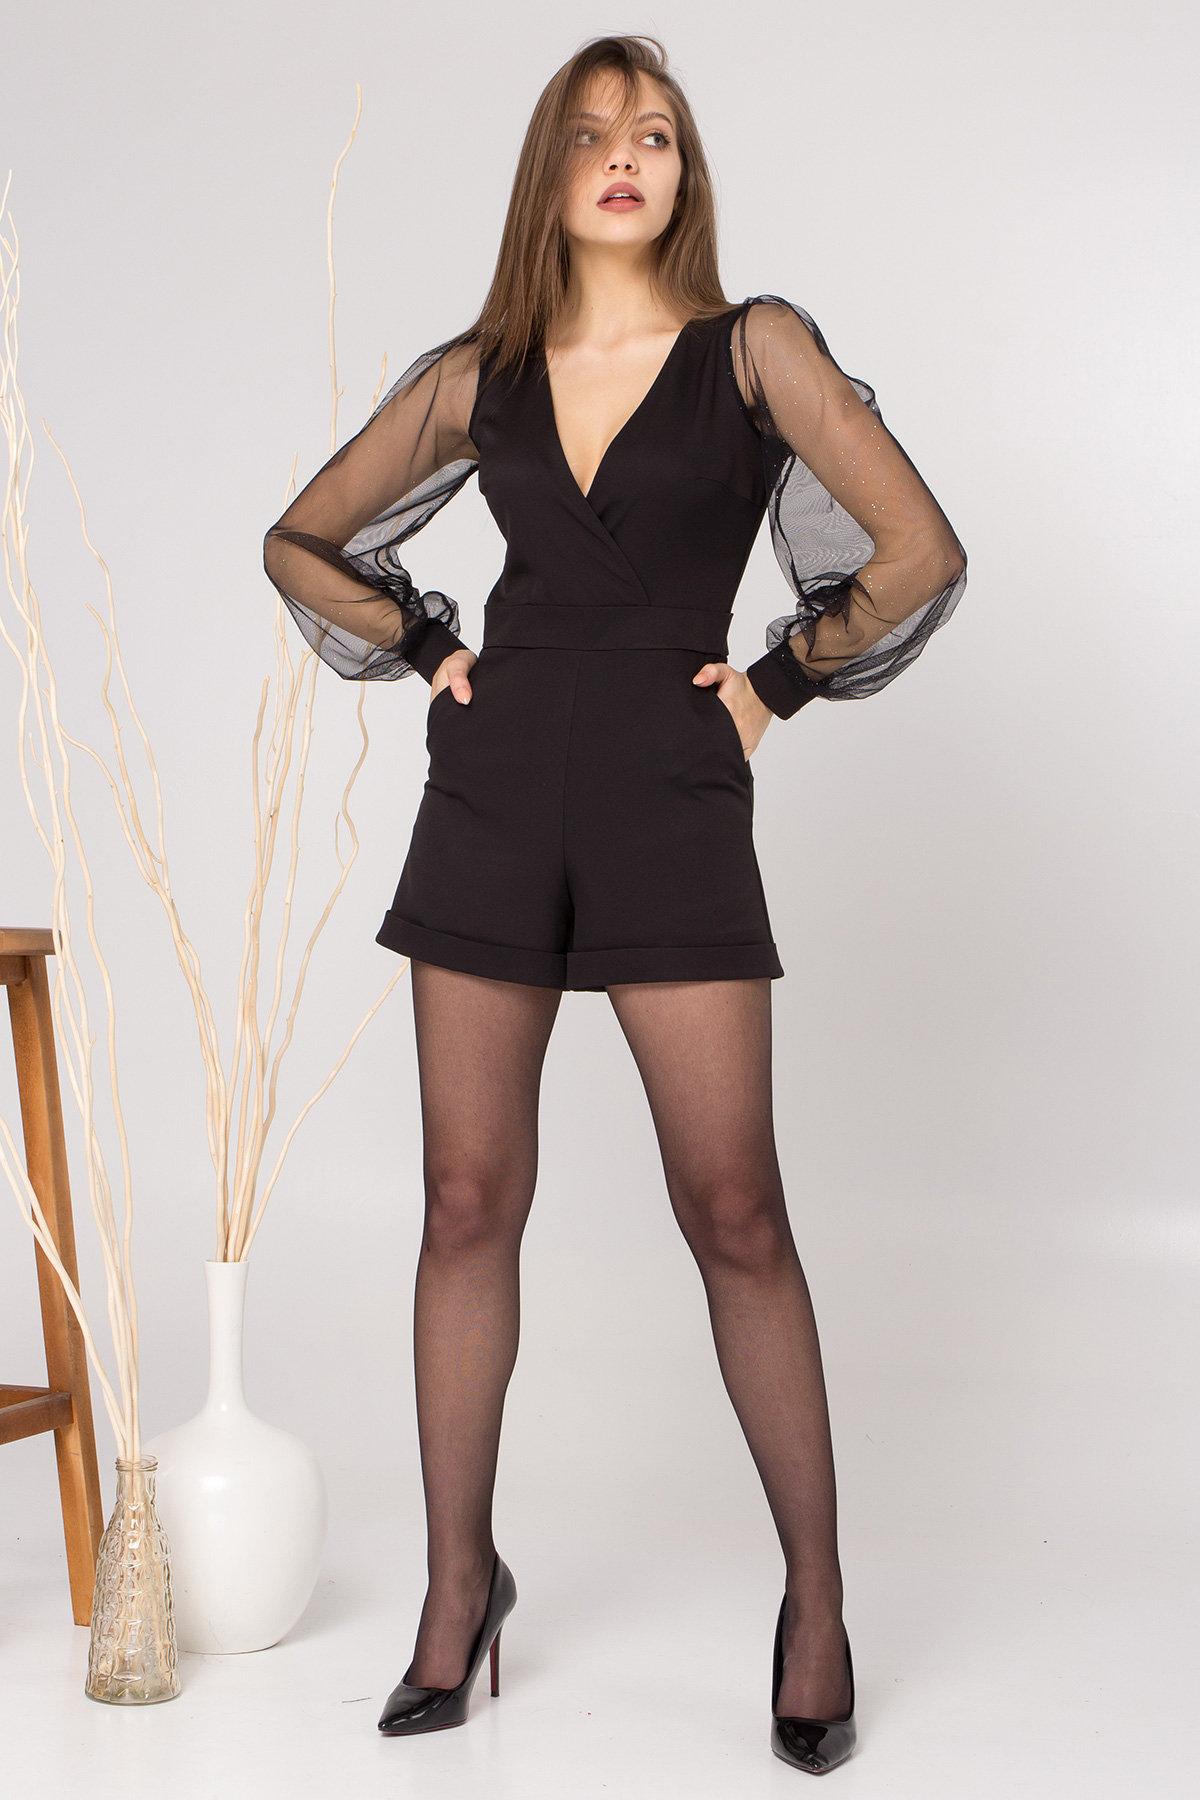 Нарядный комбинезон с шортами Набель 8886 АРТ. 45207 Цвет: Черный - фото 2, интернет магазин tm-modus.ru